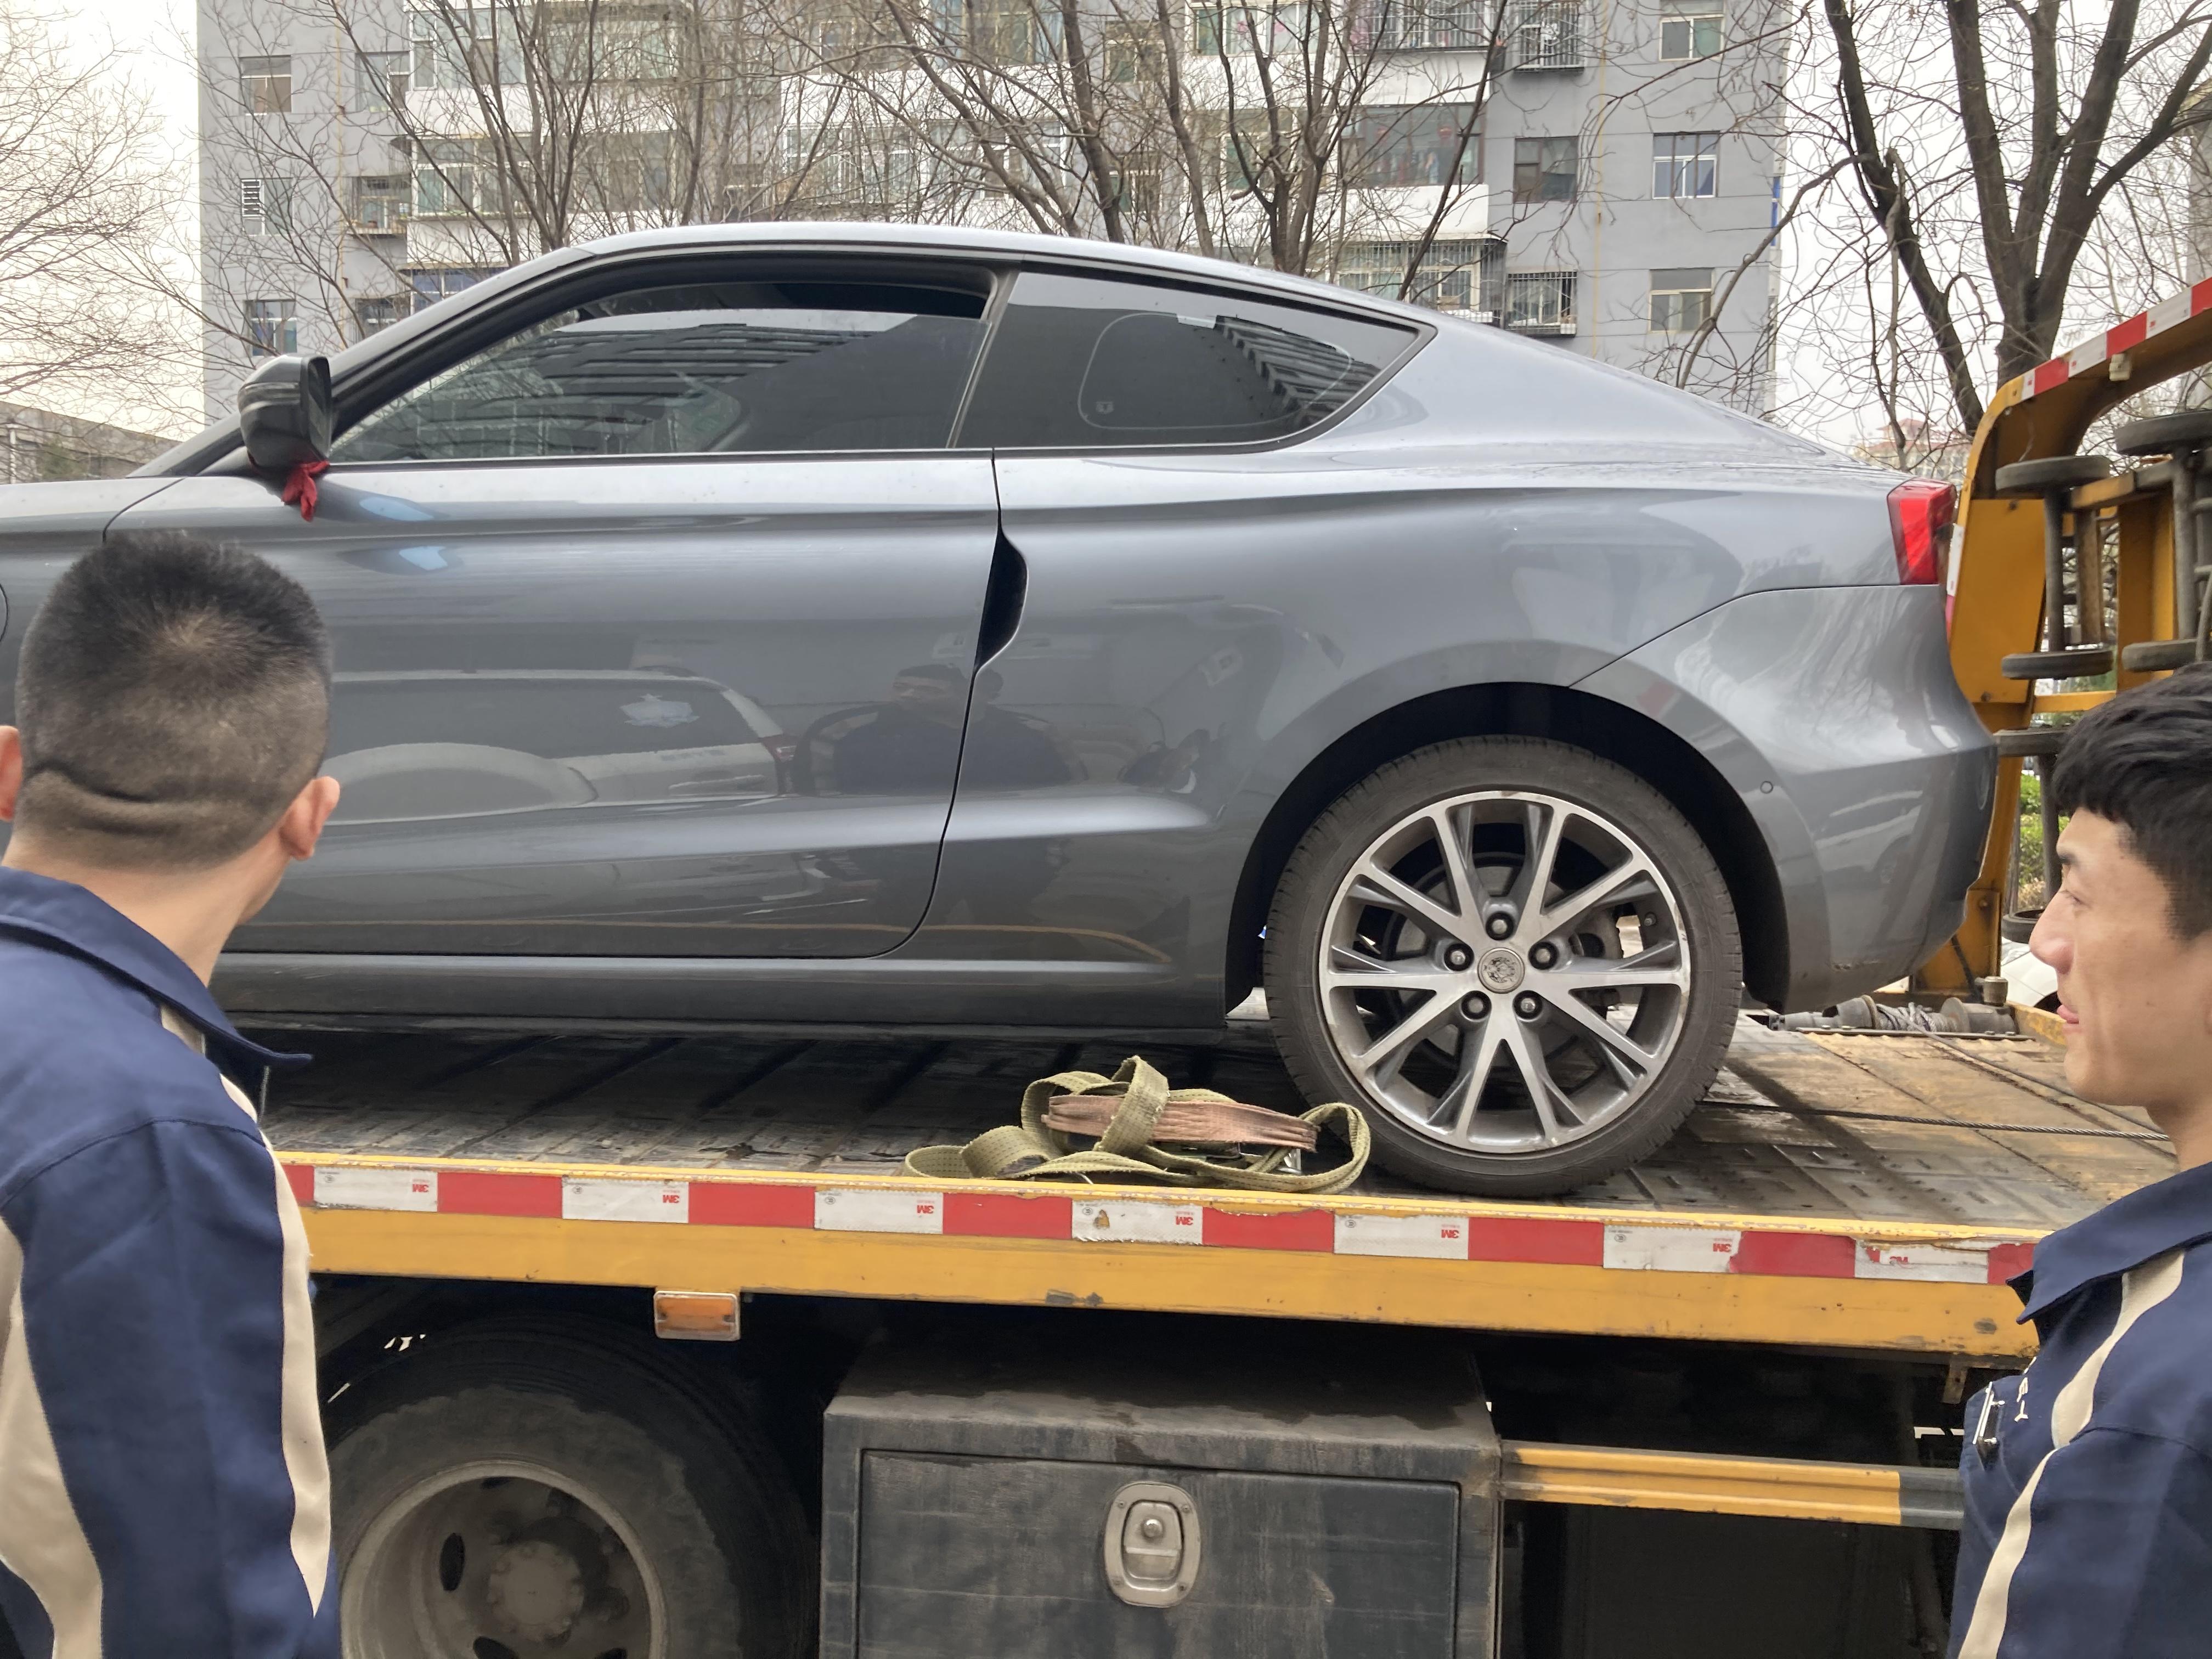 零跑汽车S01意外制动且方向盘卡死,导致车辆启动失效